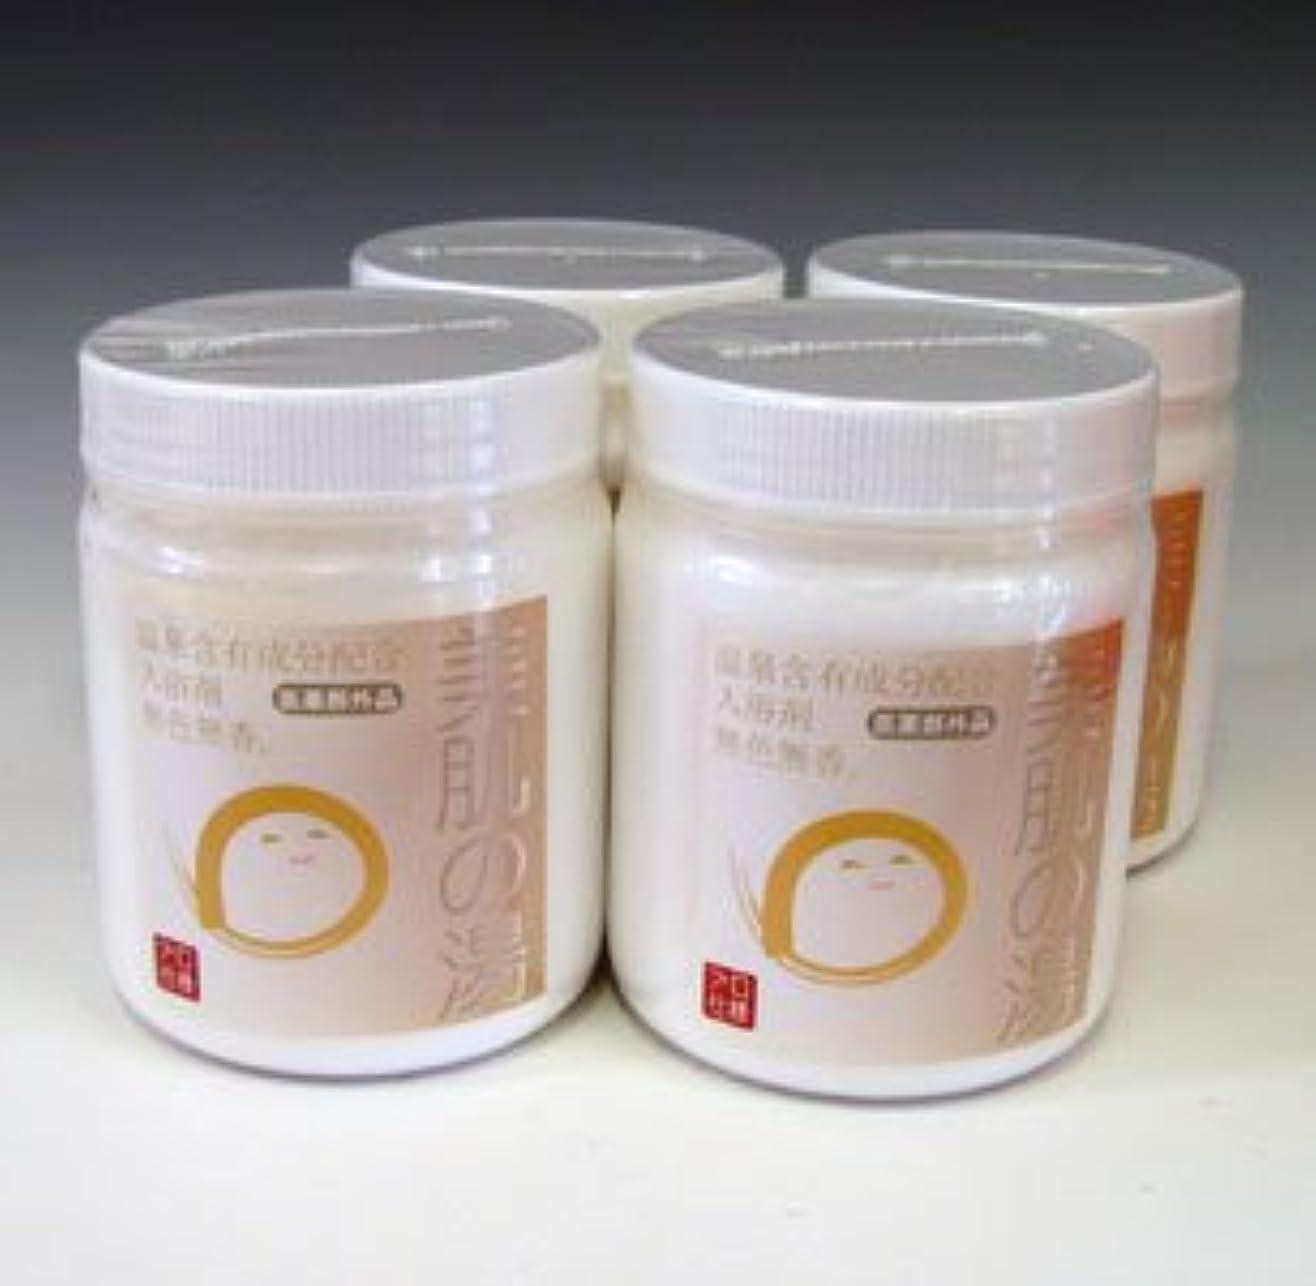 論理一月親密な温泉入浴剤 アルカリ単純泉PH9.5 美肌の湯600g 4本セット